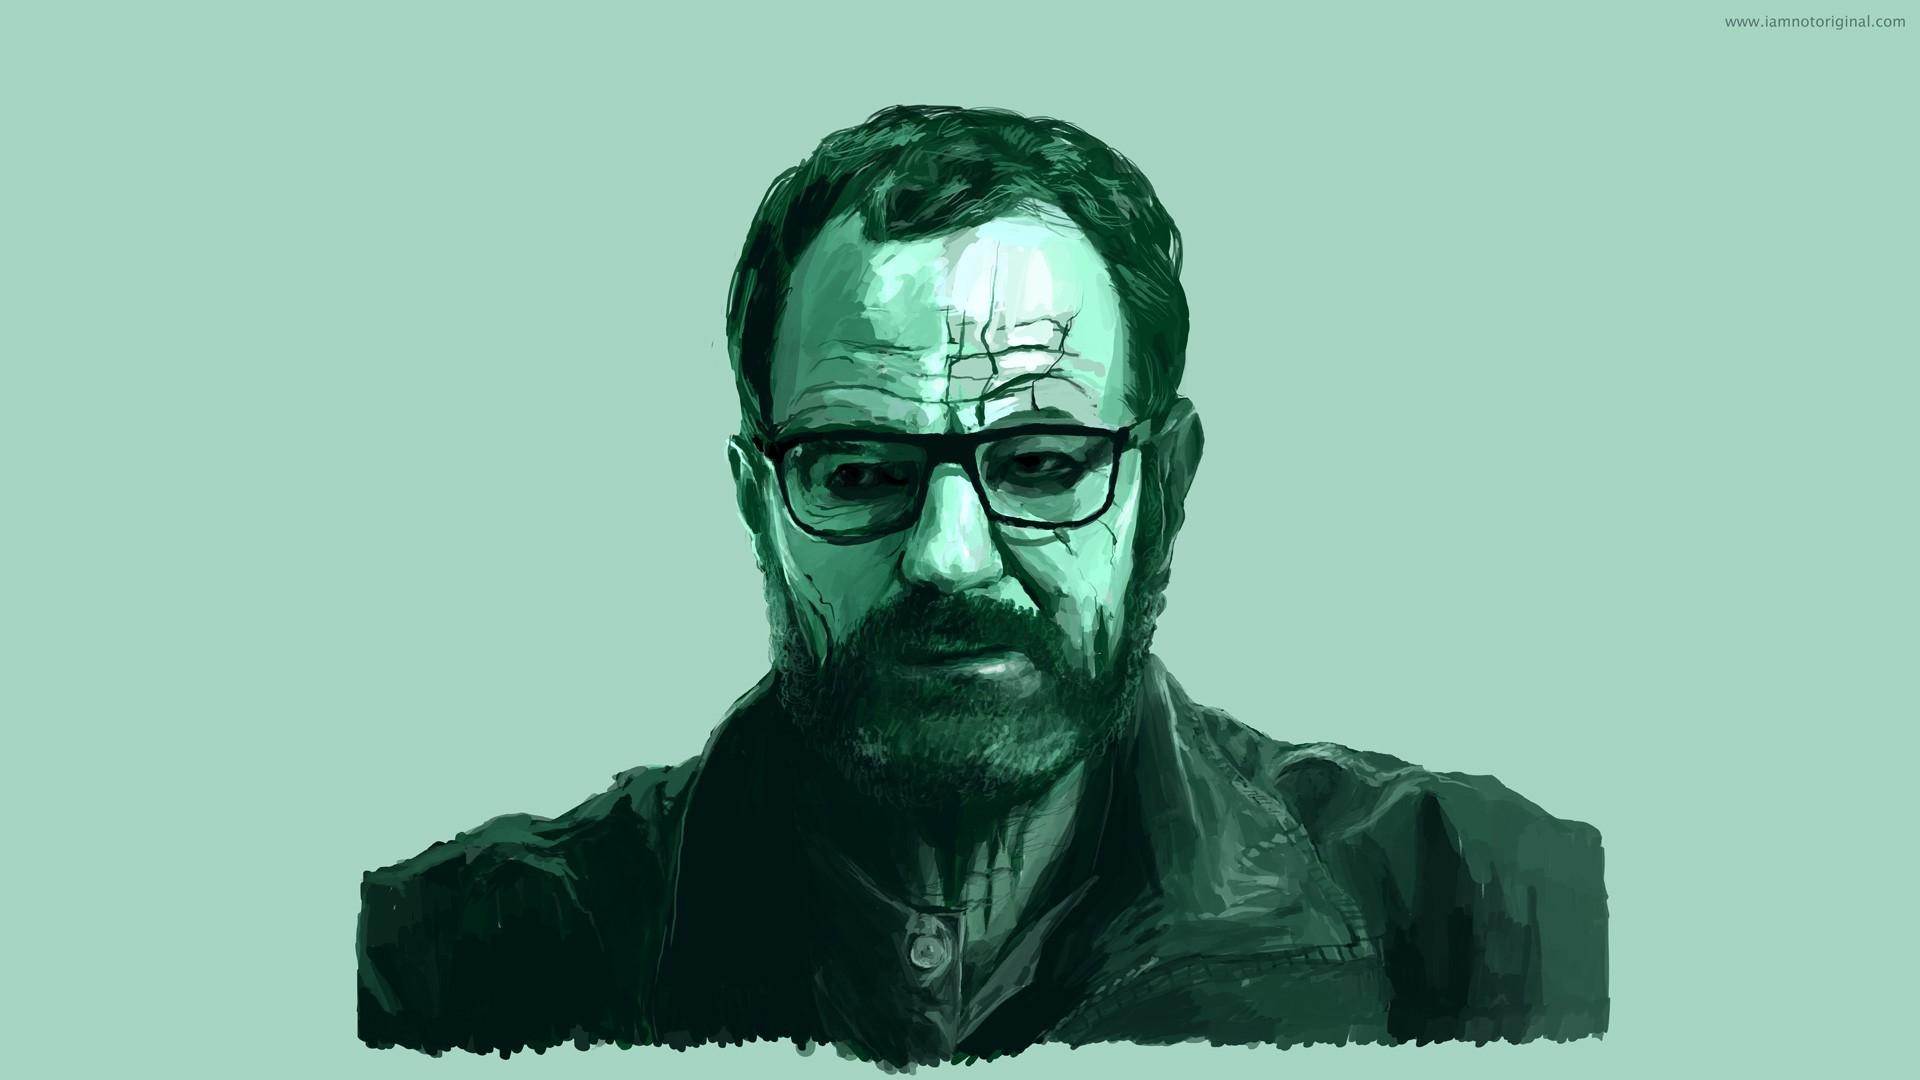 Heisenberg - Walter White